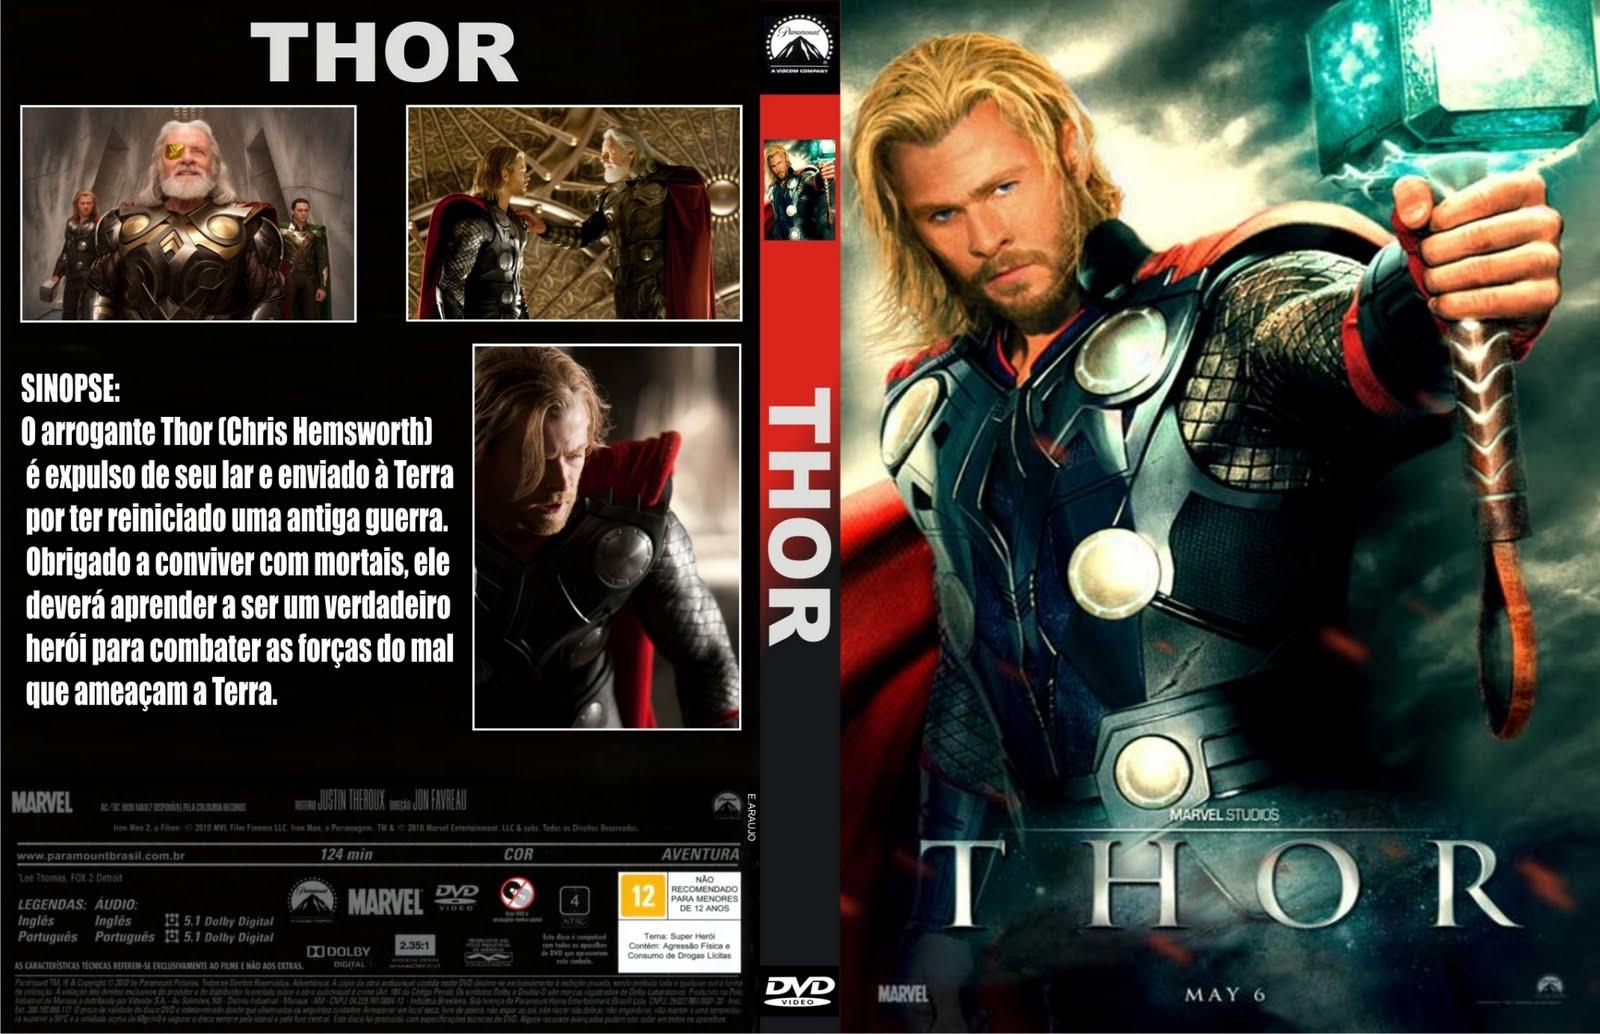 http://1.bp.blogspot.com/-KF_UXCDOqik/TrqK-47pXkI/AAAAAAAAB40/VQLpK9R-Mog/s1600/Thor..jpg